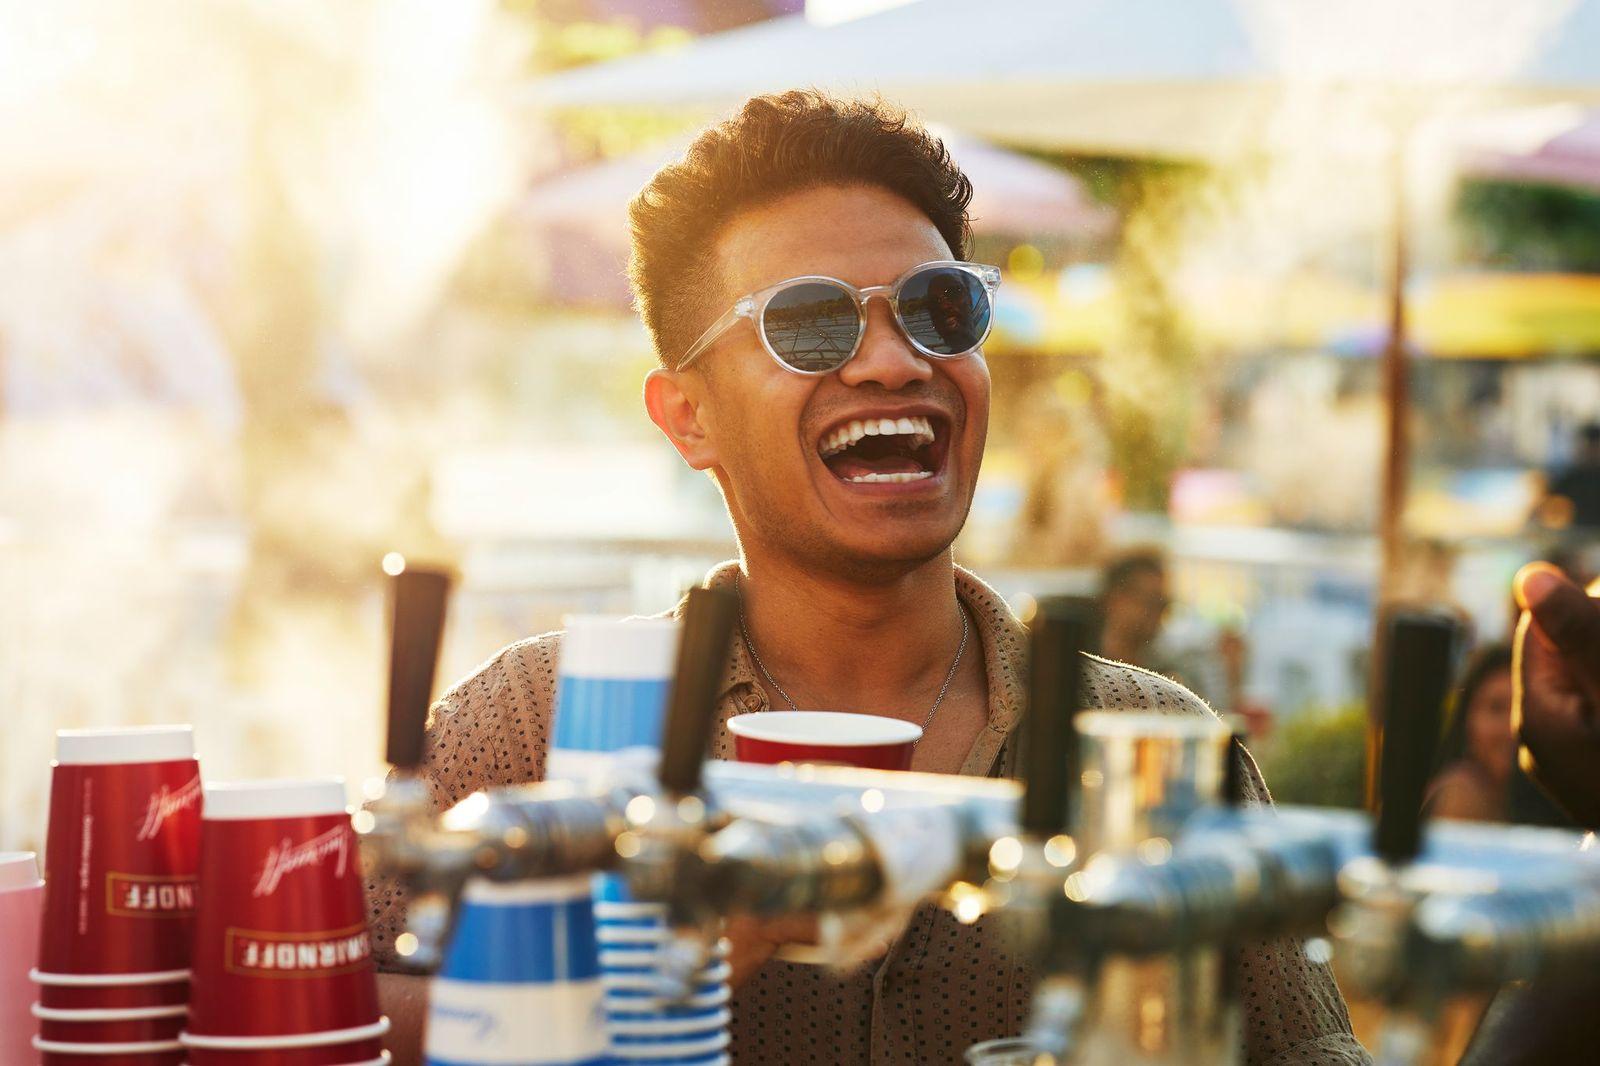 One man smiling at bar